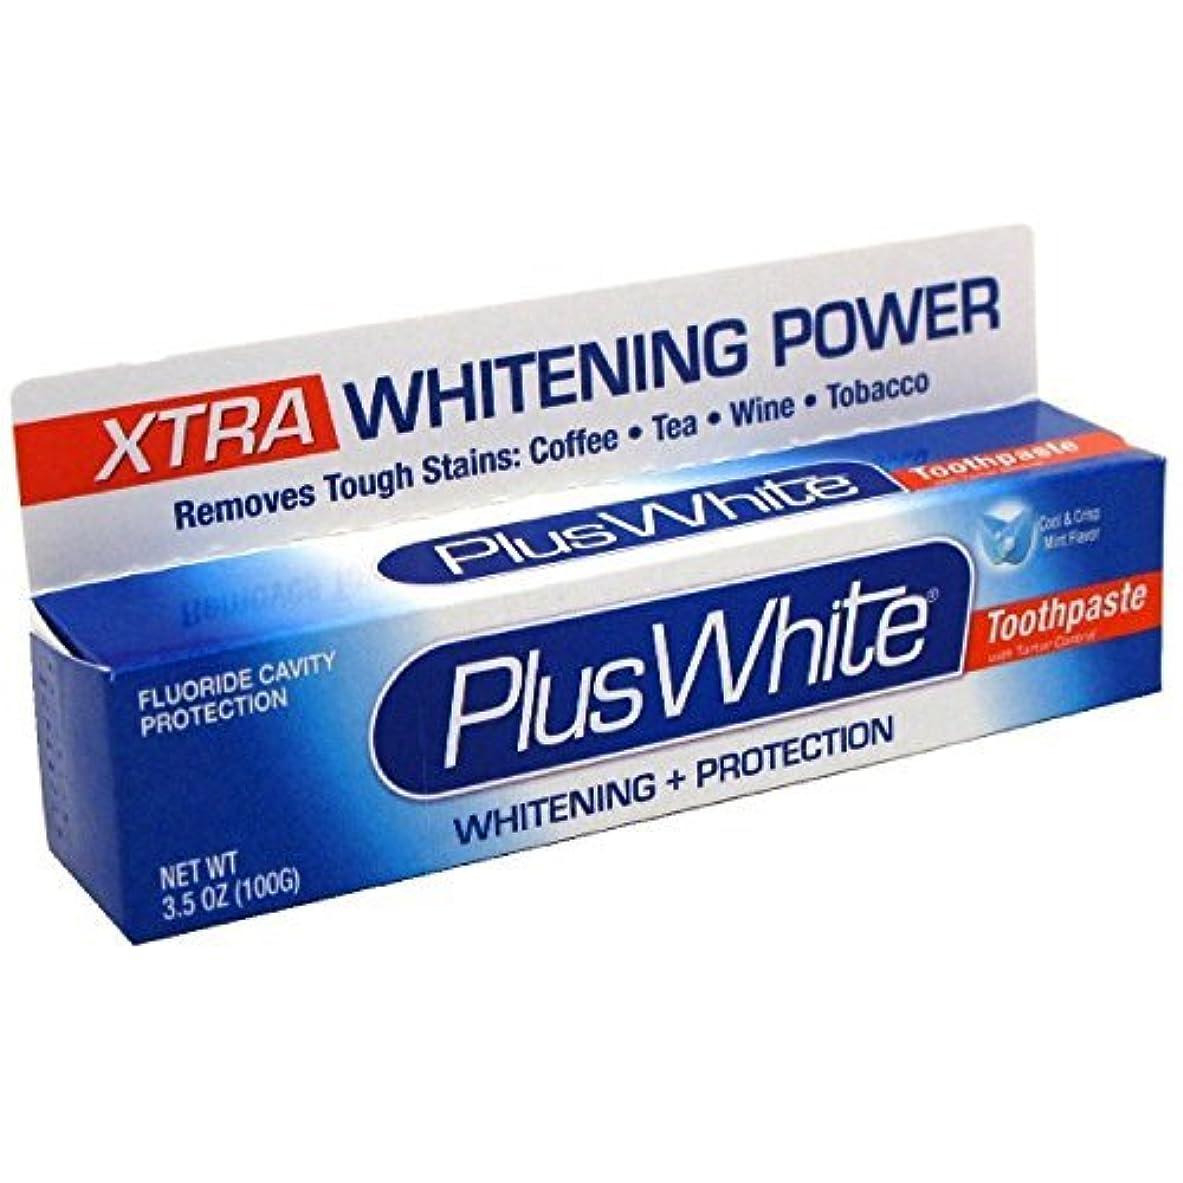 機械的に座標散歩Plus White Whitening + Protection Toothpaste, Xtra Whitening Power Cool & Crisp Mint 3.50 oz by Plus White